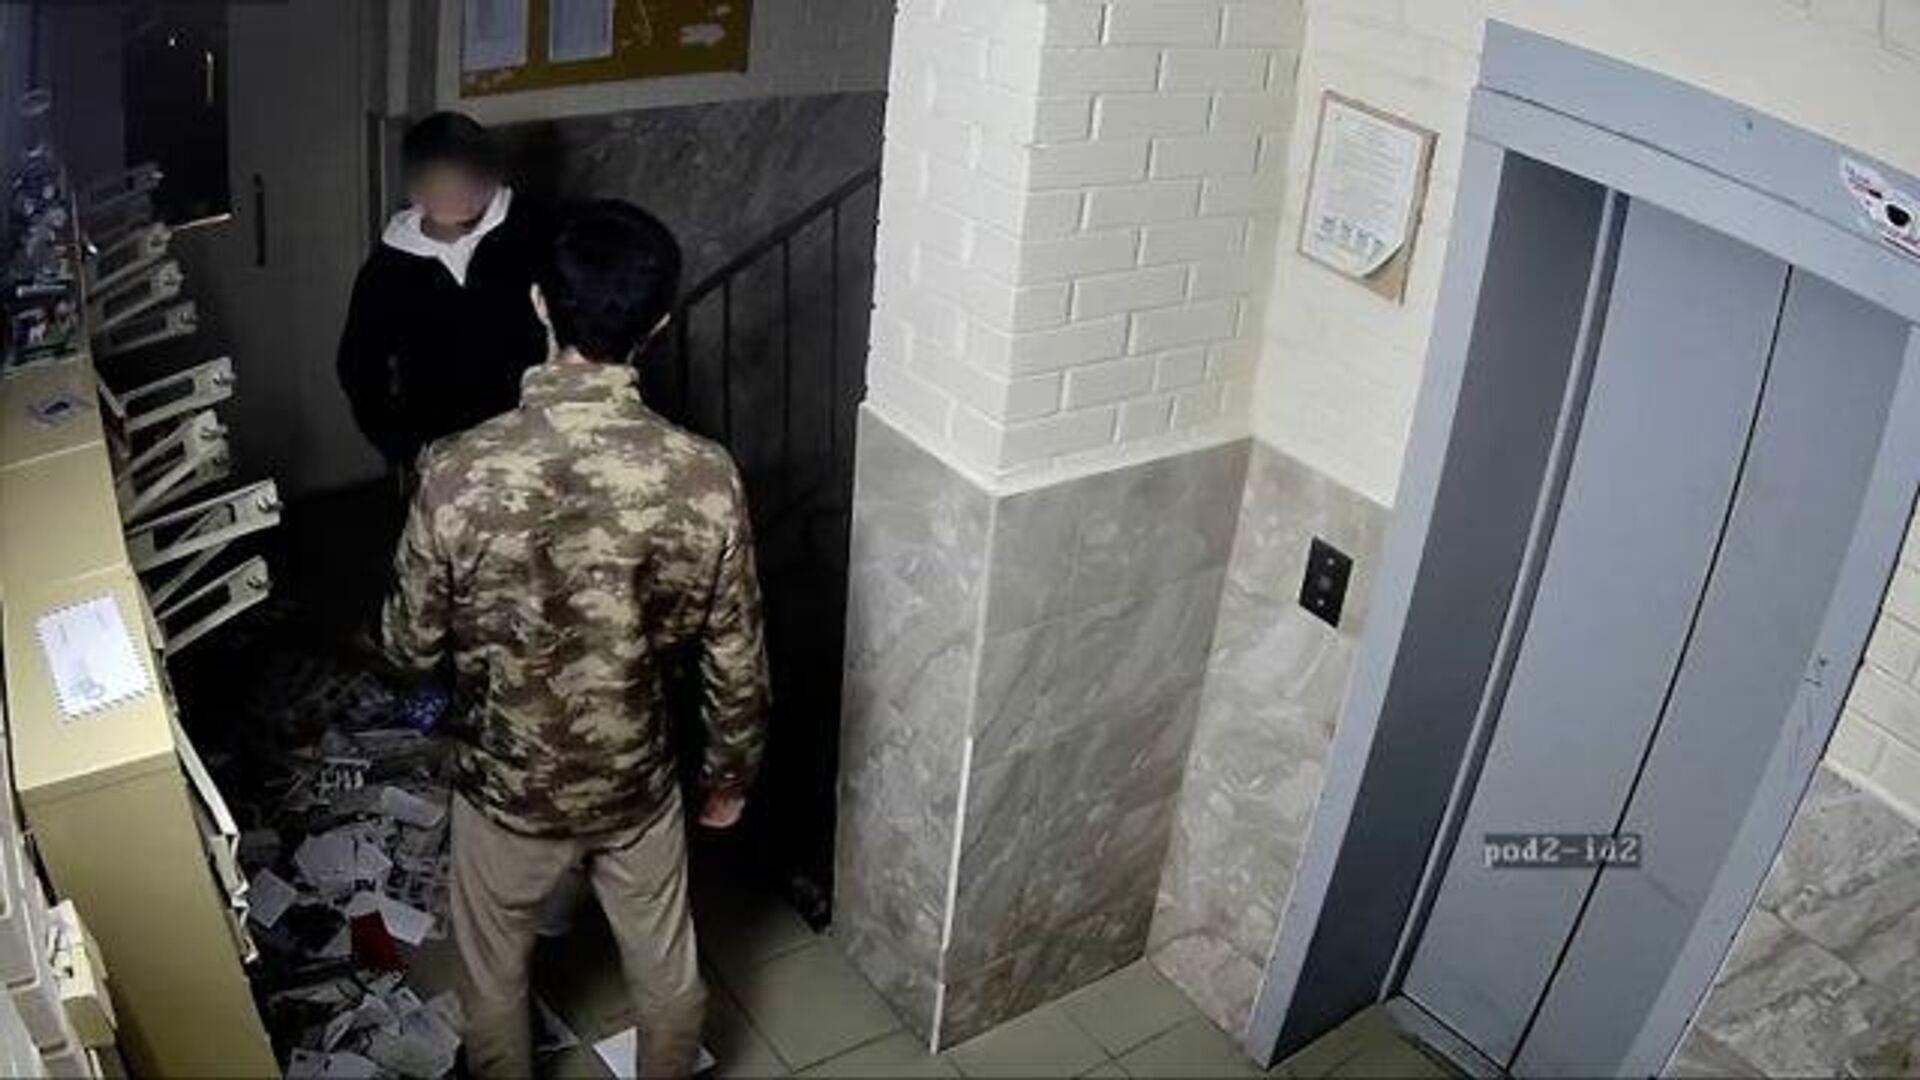 Задержан мужчина, угрожавший подростку ножом. Кадры МВД - РИА Новости, 1920, 14.09.2021